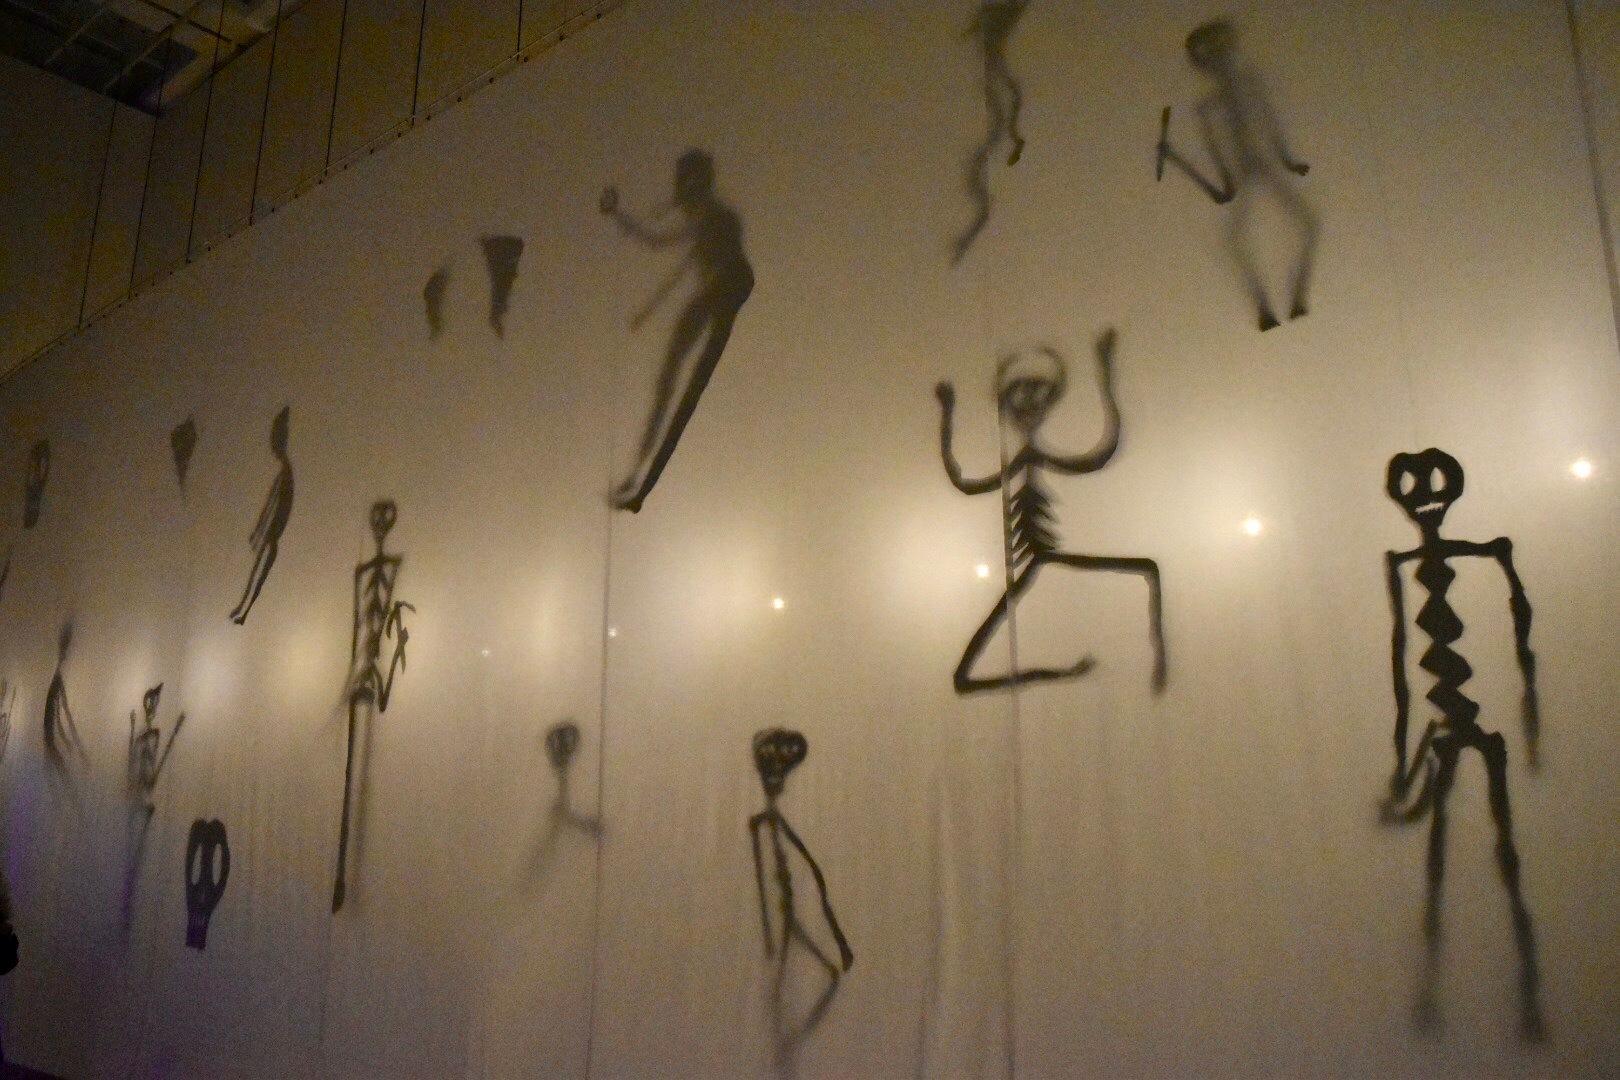 《幽霊の廊下》 2019年 「クリスチャン・ボルタンスキー −Lifetime」展 2019年 国立新美術館展示風景